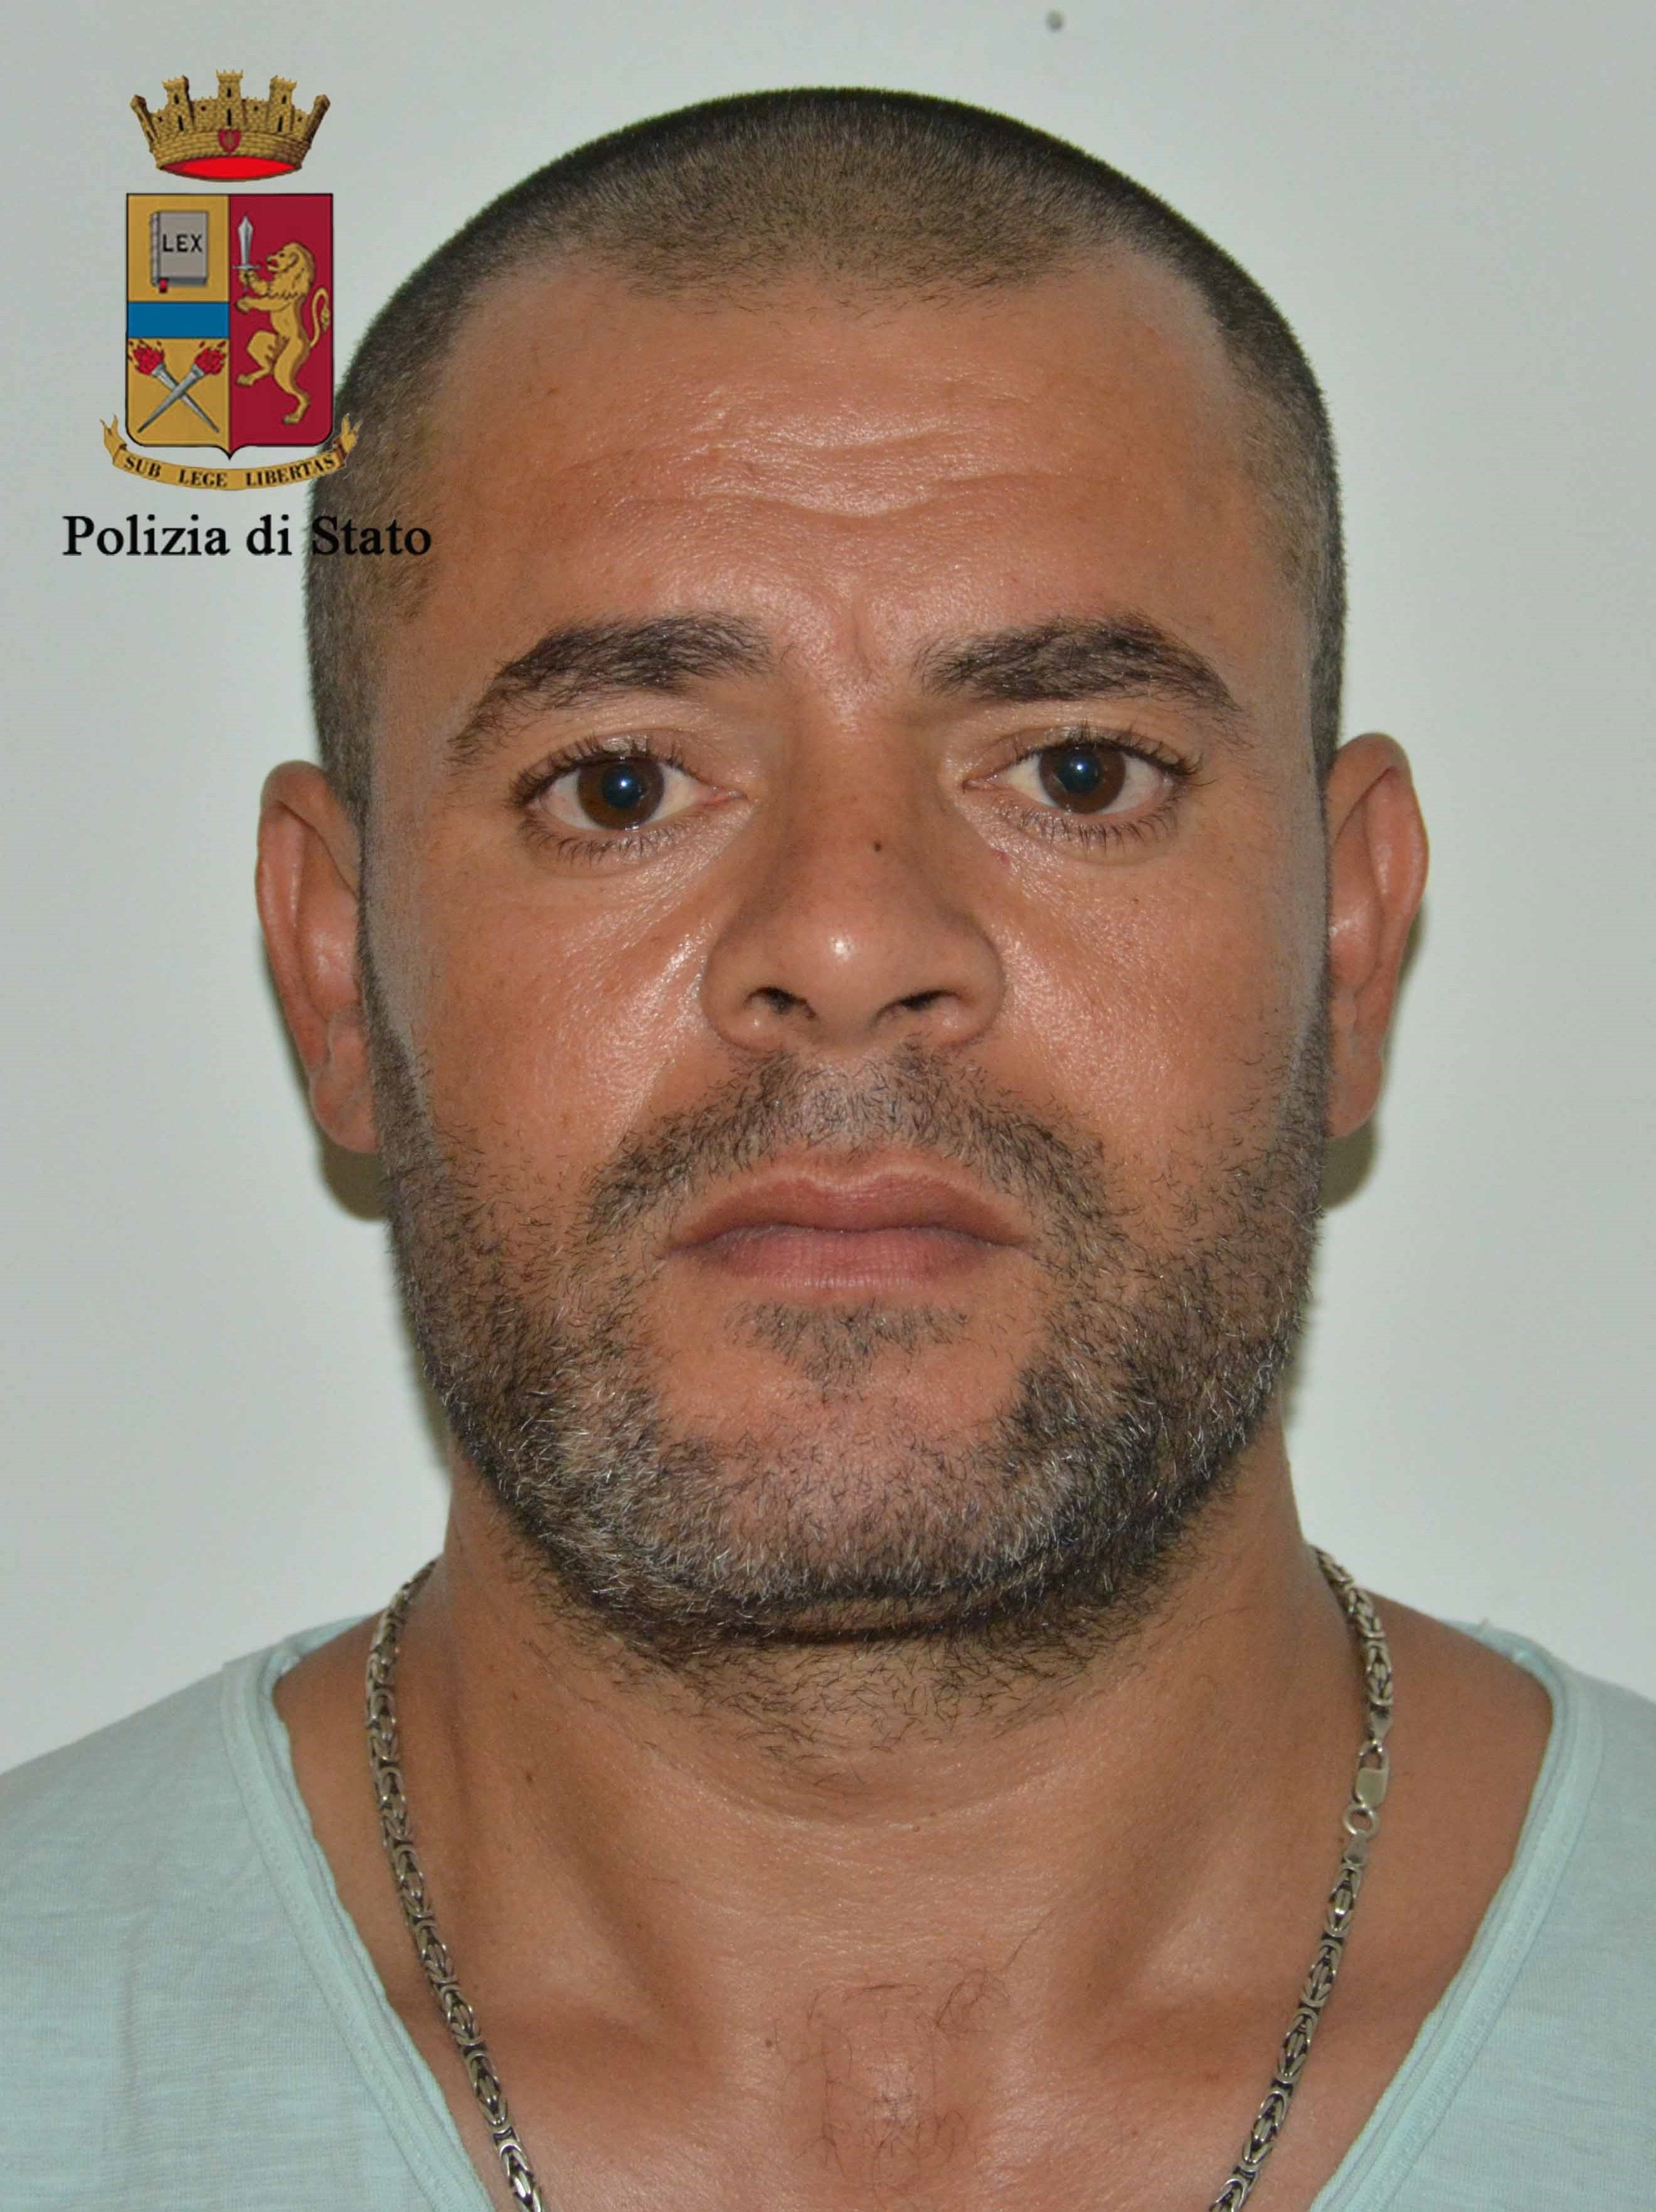 Trovata hashish a casa dello spacciatore: arrestato un tunisino a S.Croce